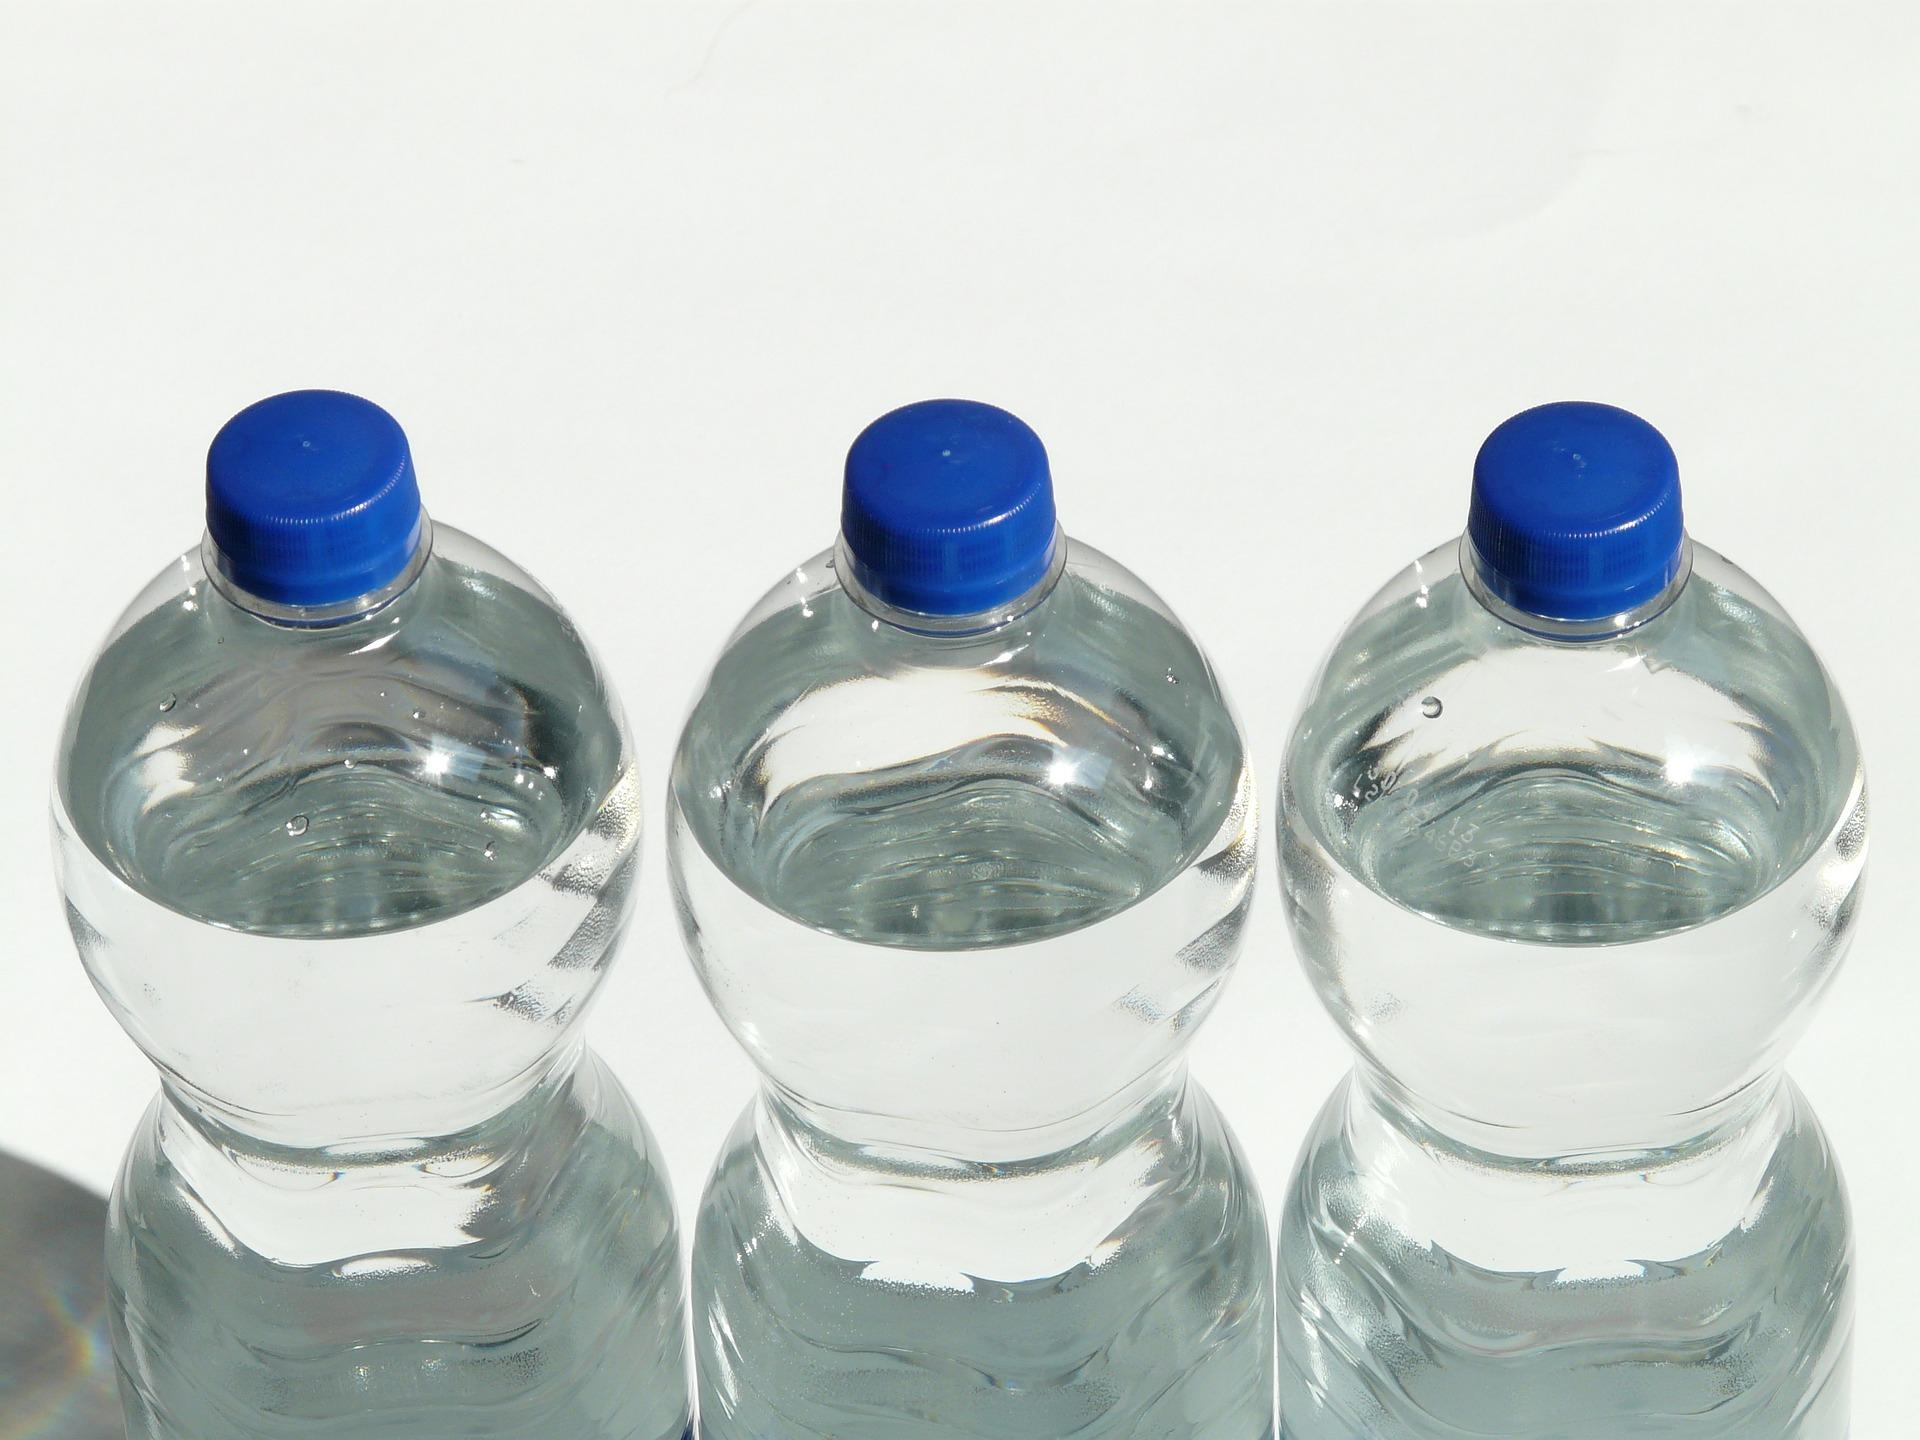 Acqua minerale, la classifica 2021 di Altroconsumo